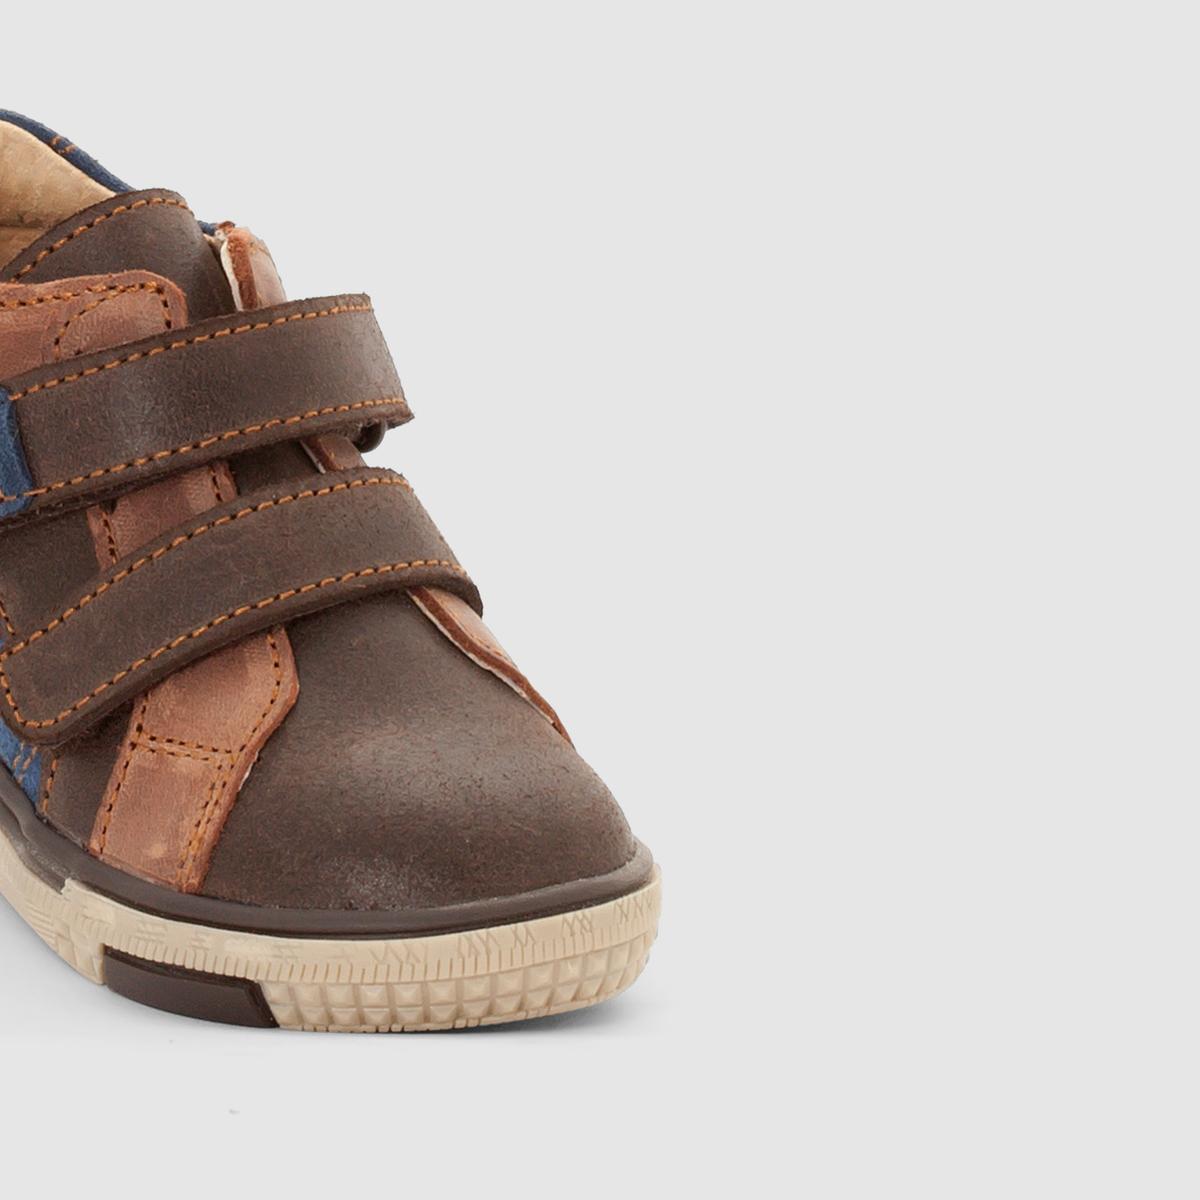 Ботинки из кожи на планке-велкроБотинки из кожи abcd'R Верх : яловичная кожаПодкладка :  кожа.Стелька : кожа.Подошва : из эластомераЗастежка : на планку-велкроПреимущества : ботинки abcd'R в стиле нео-ретро с супер практичной застежкой на липучке, невероятно удобные при носке .<br><br>Цвет: каштановый<br>Размер: 21